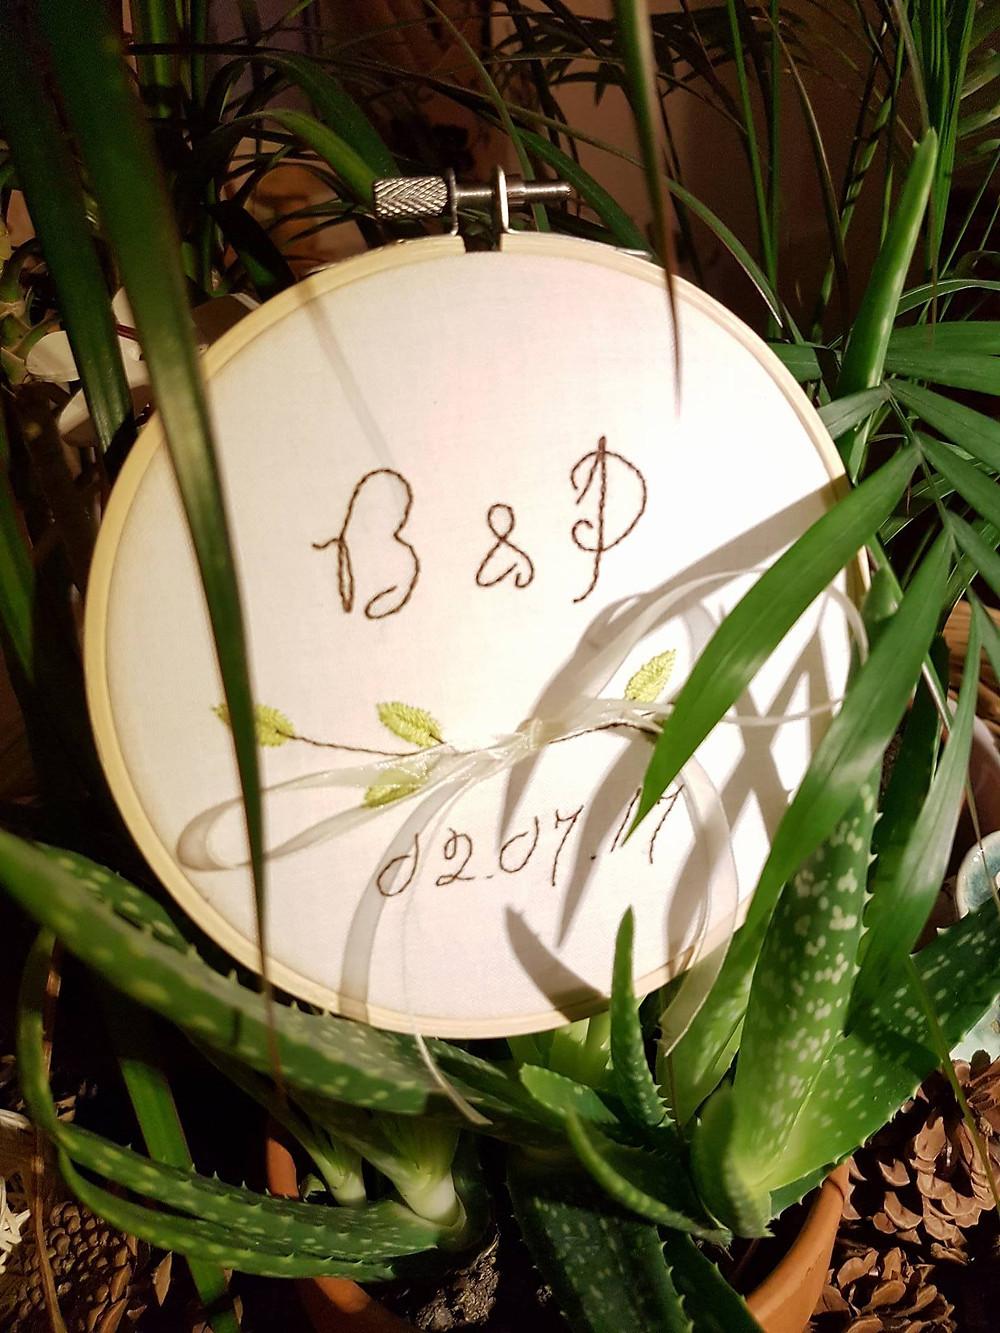 Broderie - B & P - Les mots brodés